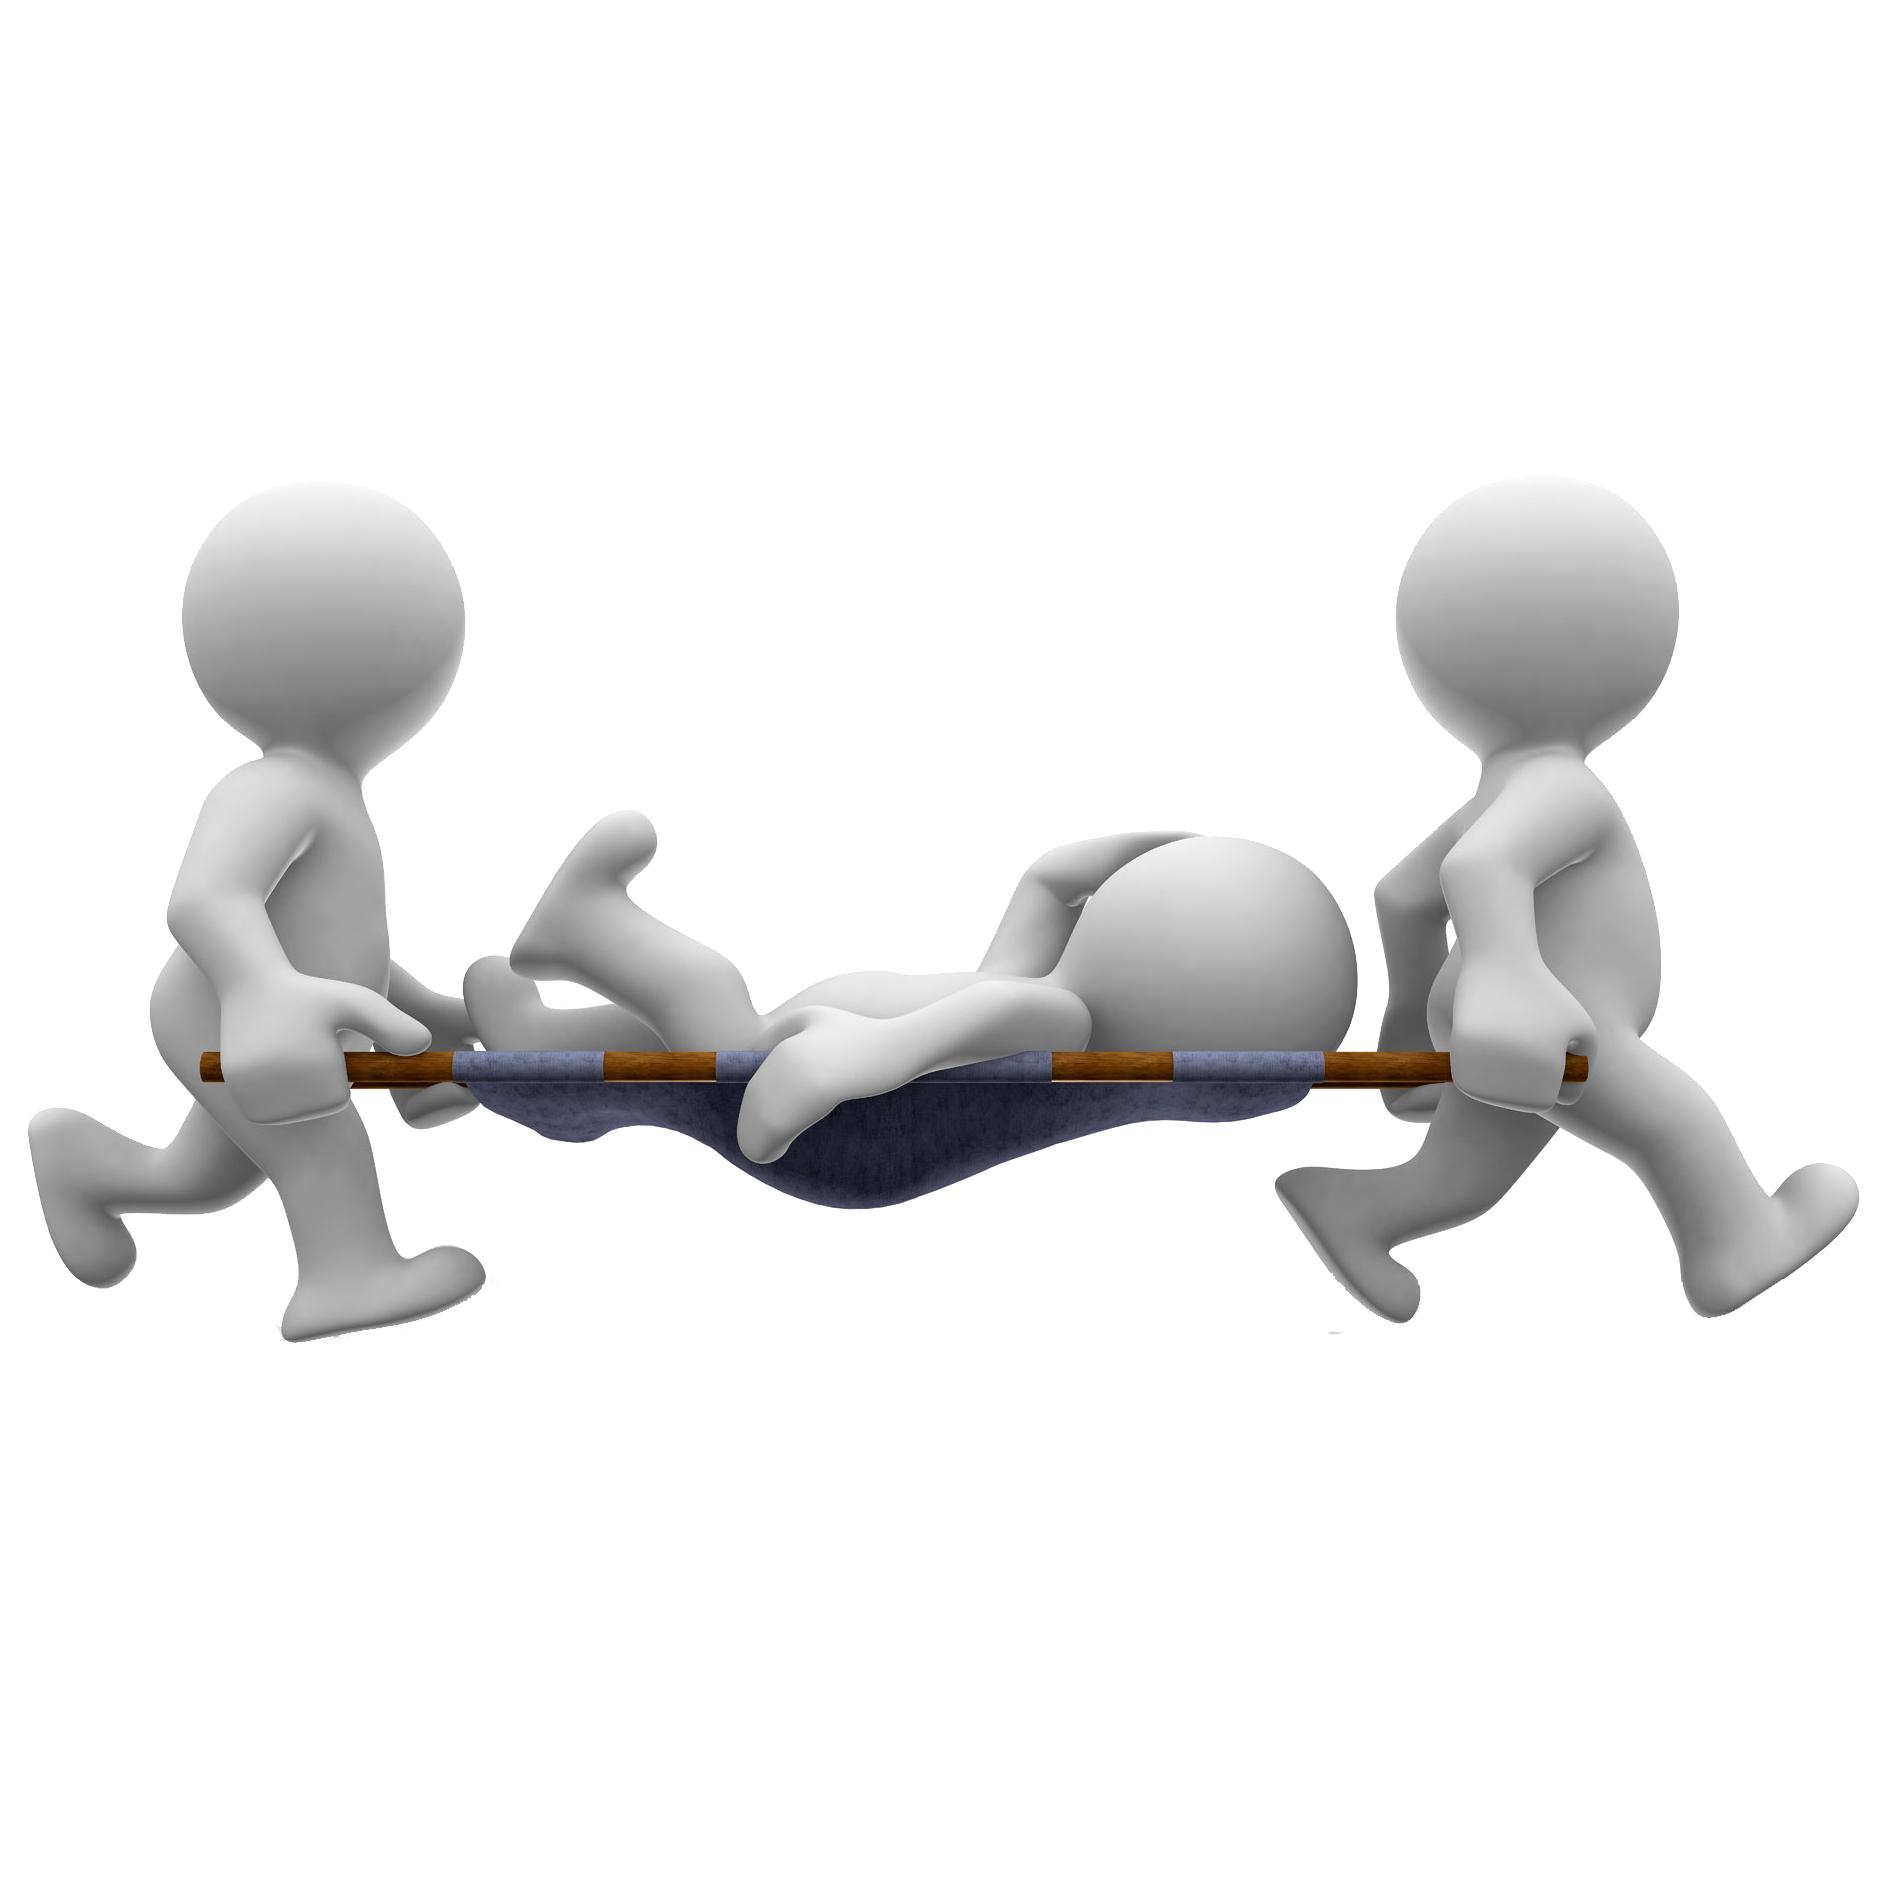 حادثه خبر نمی کند | پس انداز | مدیریت مالی شخصی | حسابداری شخصی | دخل و خرج